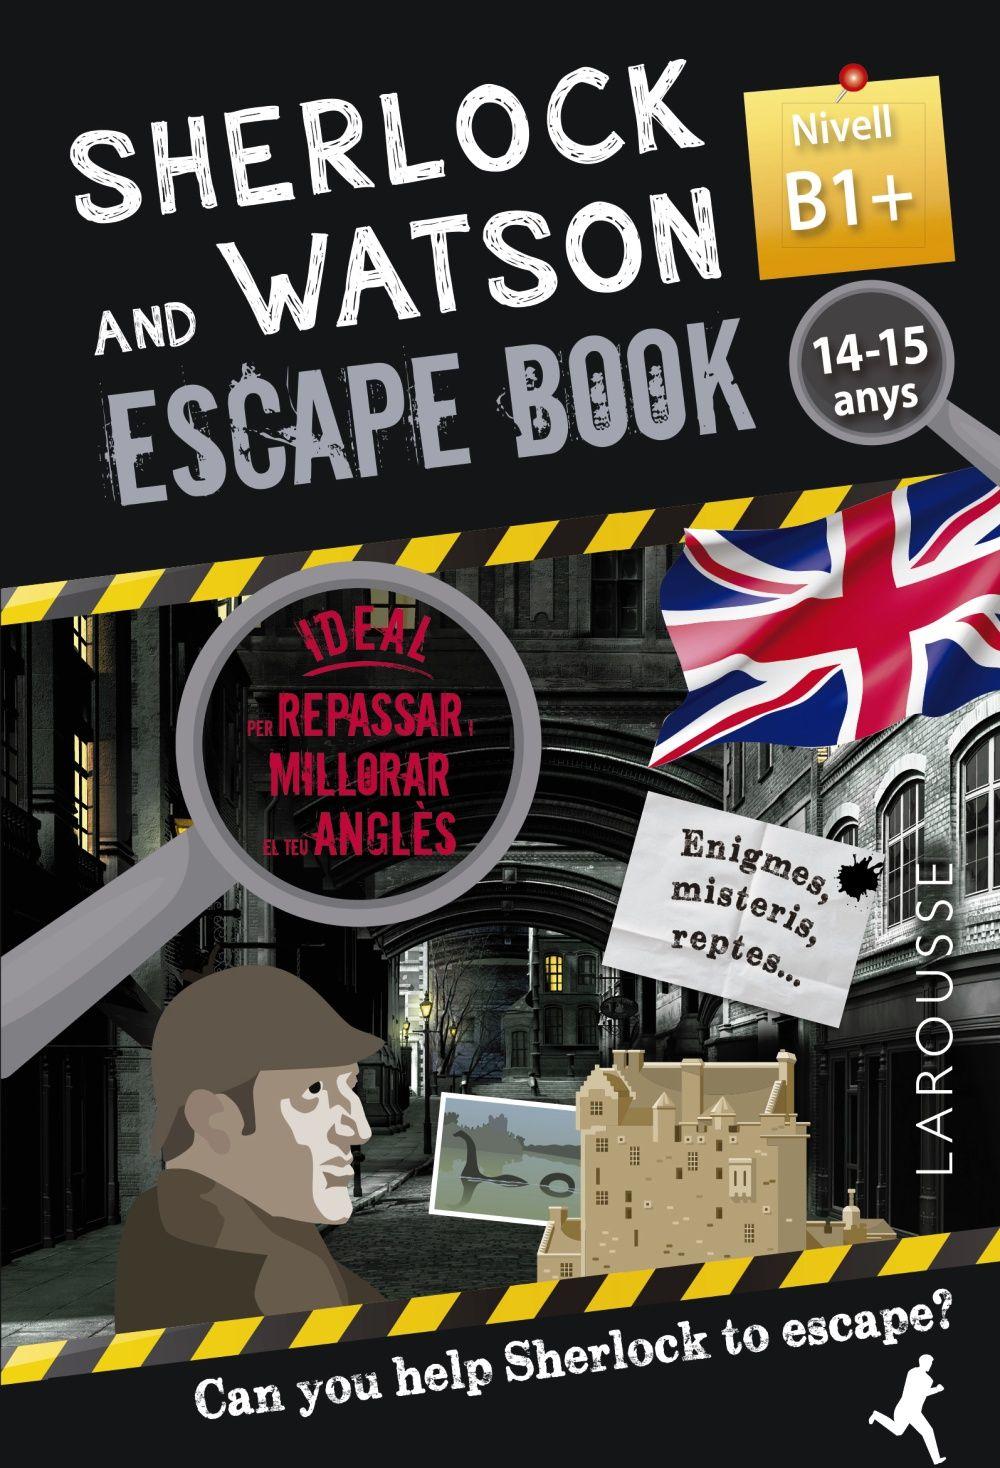 SHERLOCK & WATSON ESCAPE BOOK PER REPASSAR ANGLES 14 15 ANYS